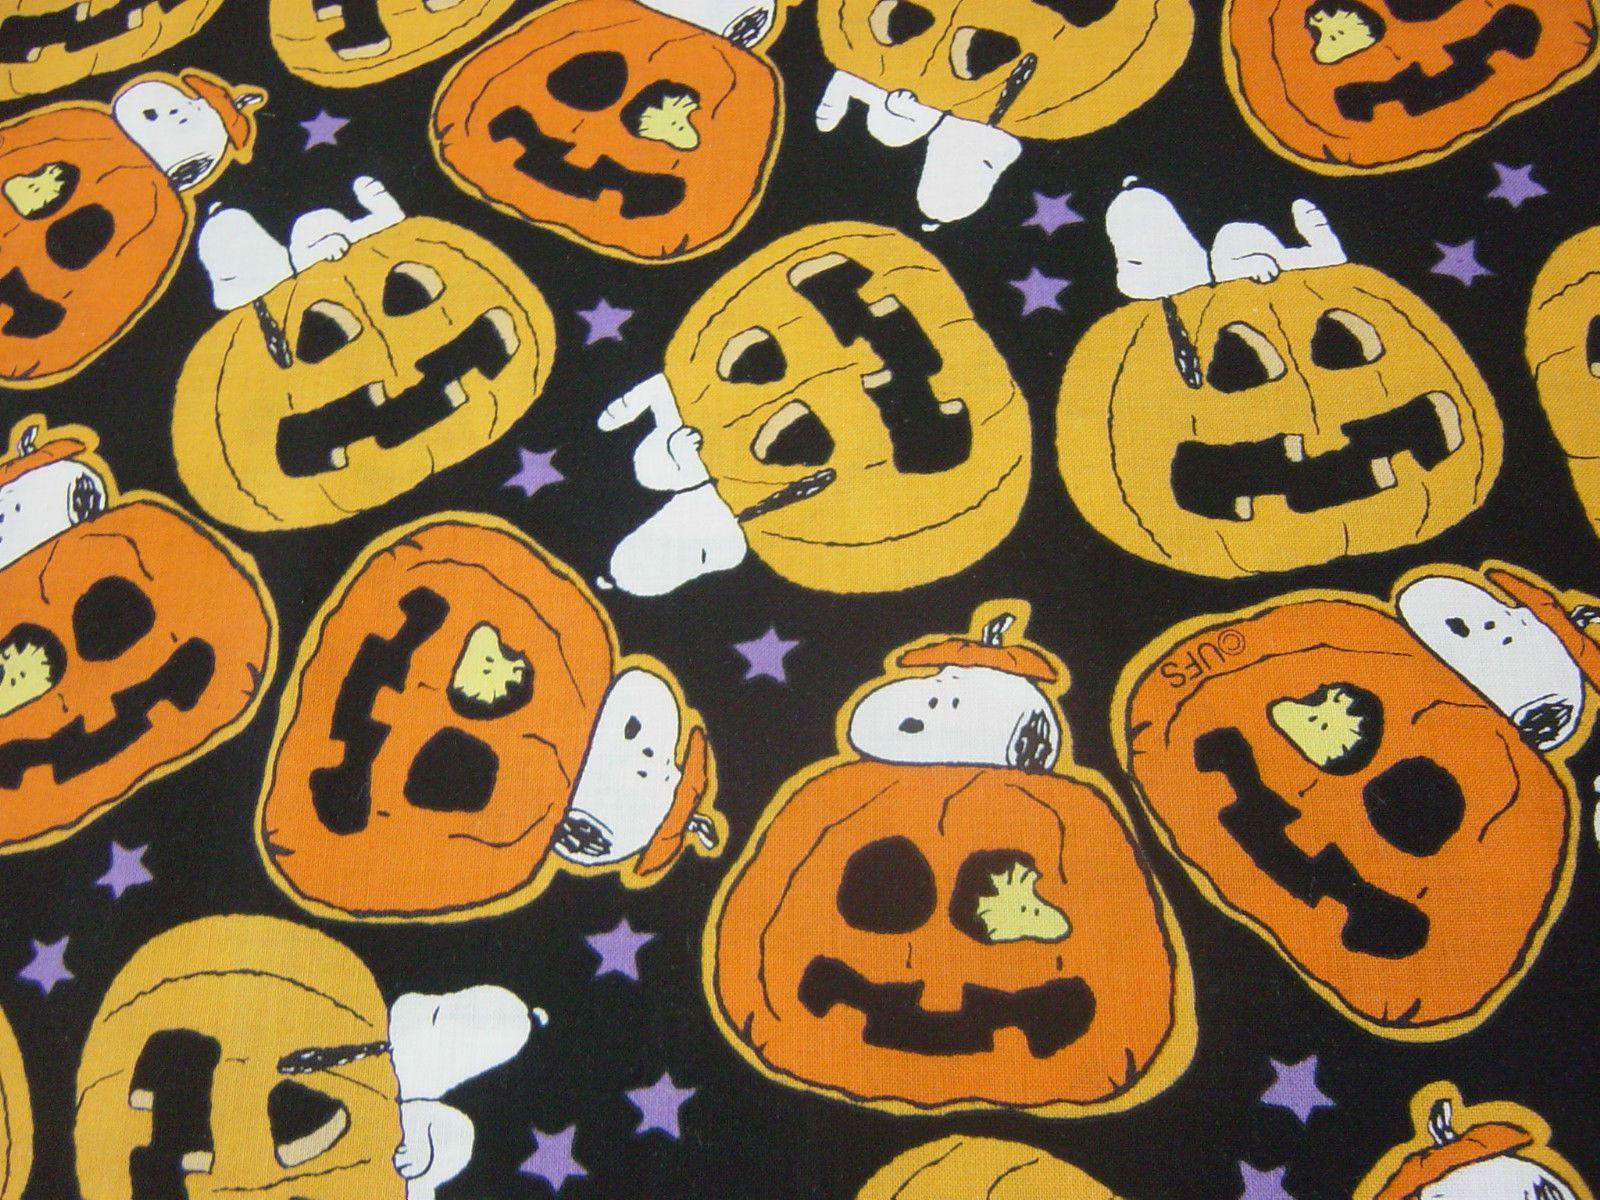 Peanuts Snoopy in Pumpkin Halloween Fabric Fat Quarter 18